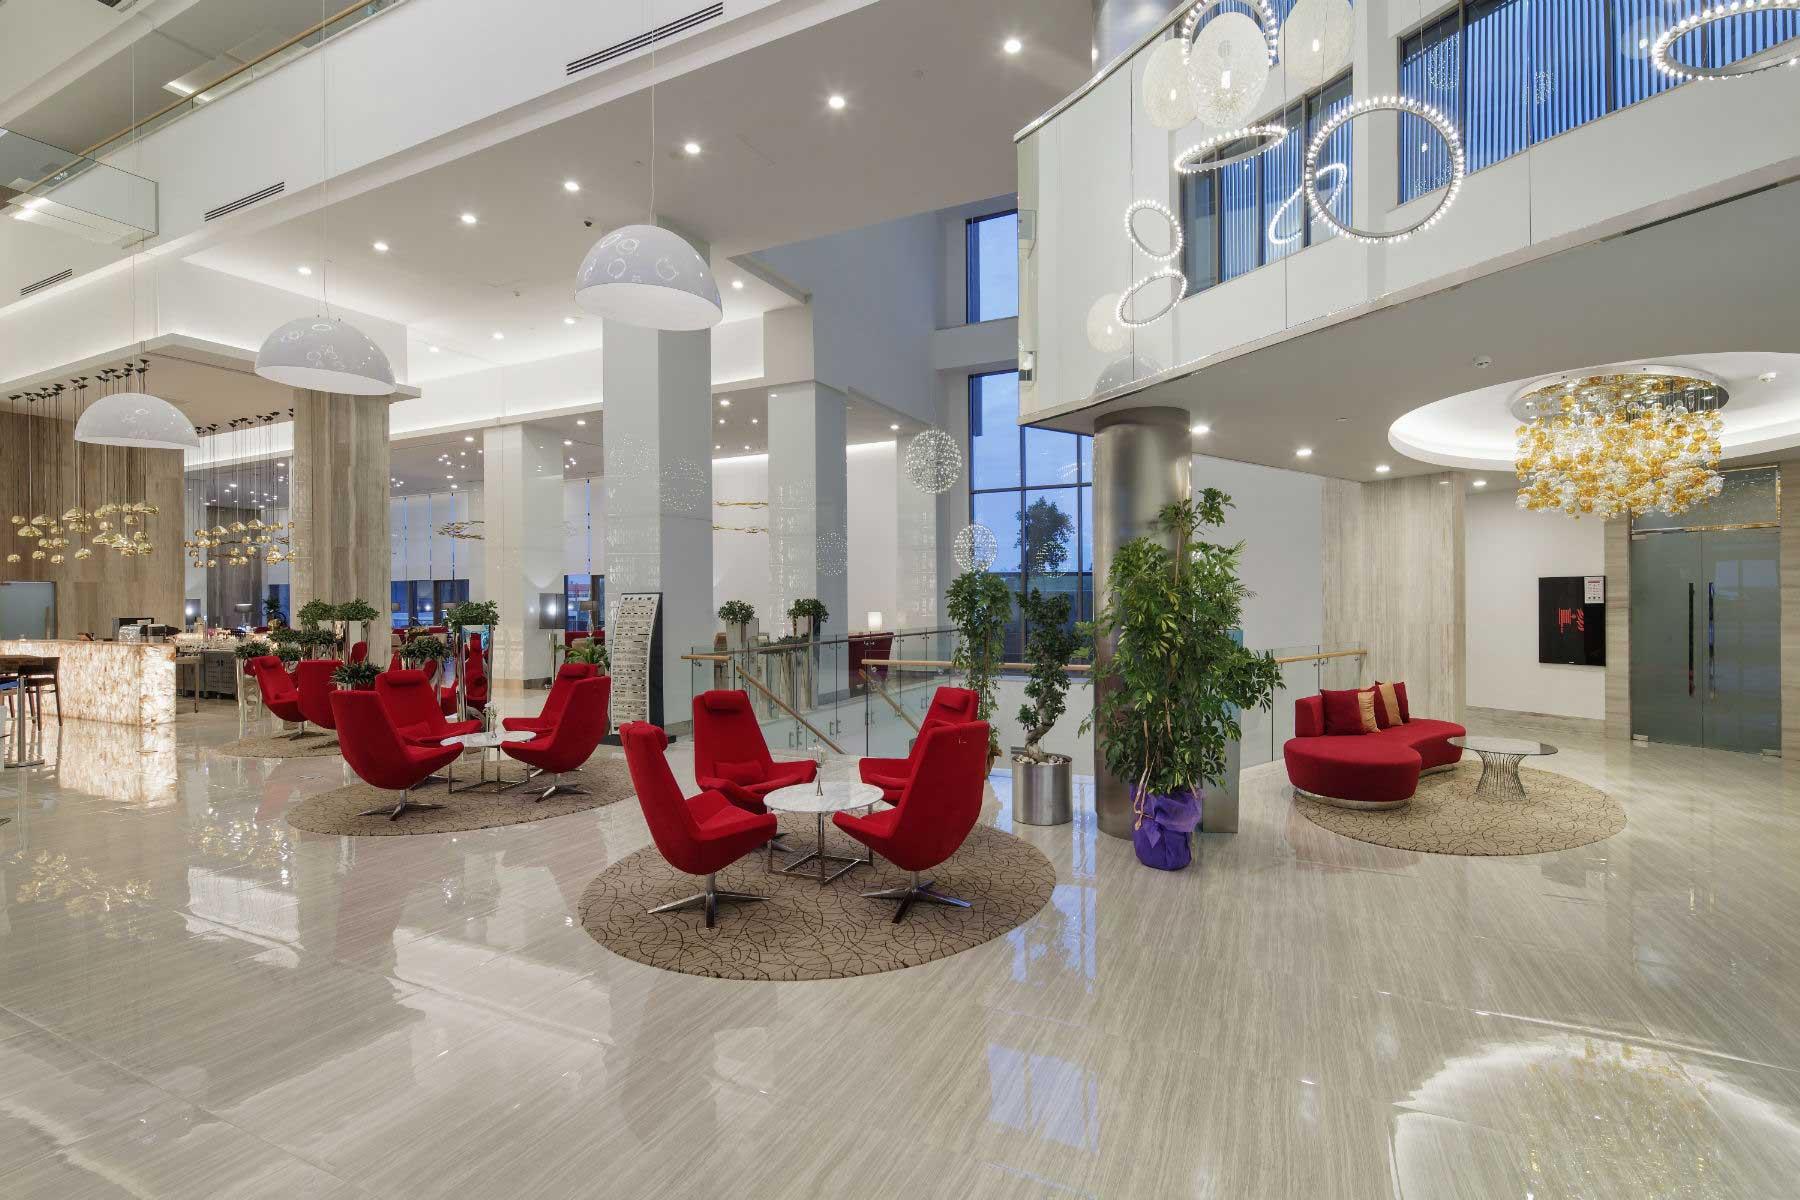 The Sense De Luxe lobby